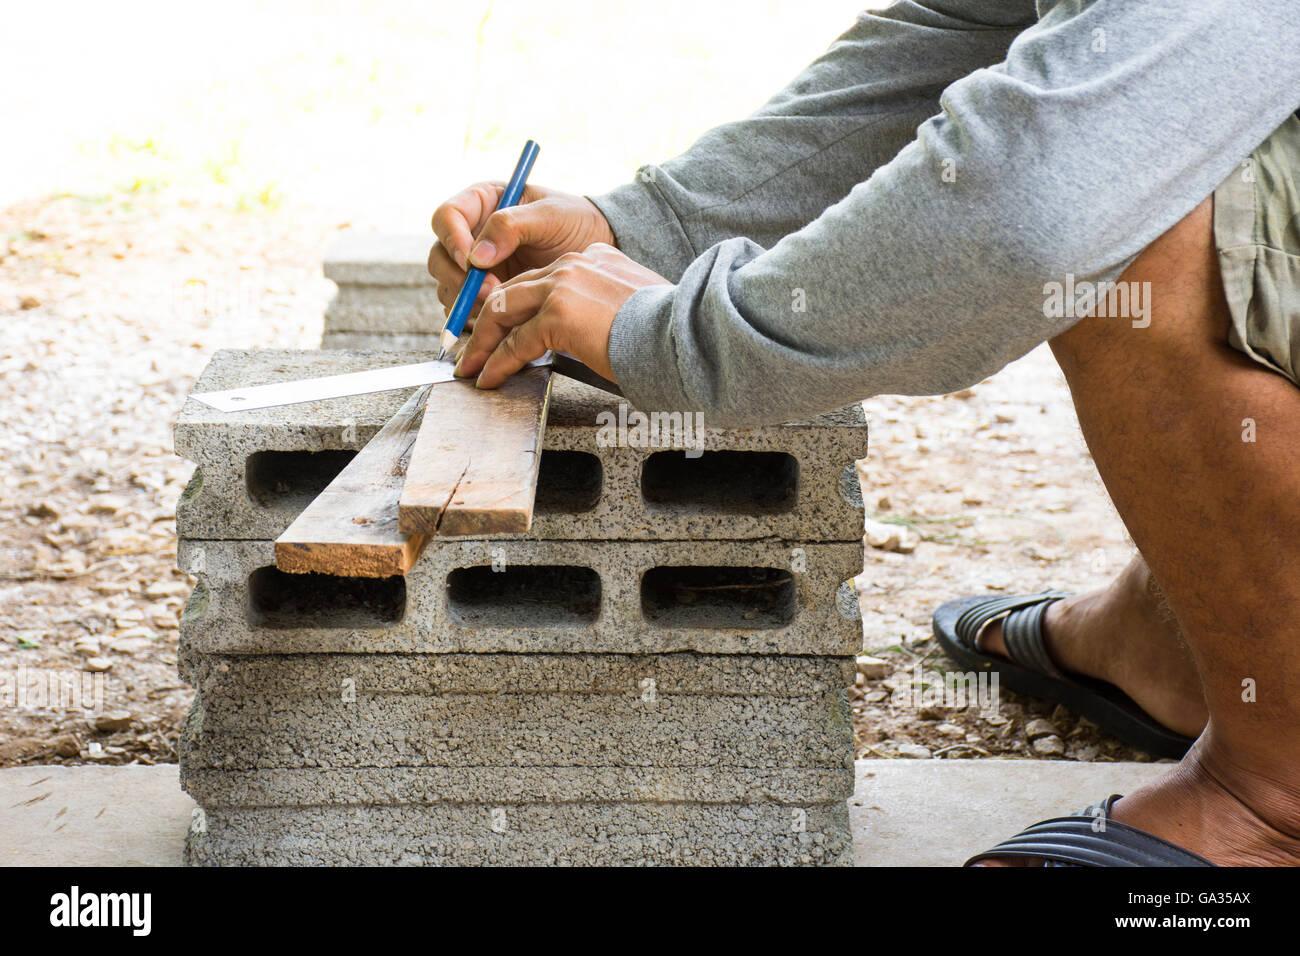 Strumenti Per Lavorare Il Legno : Gli utensili del legno per misurareper misurare per